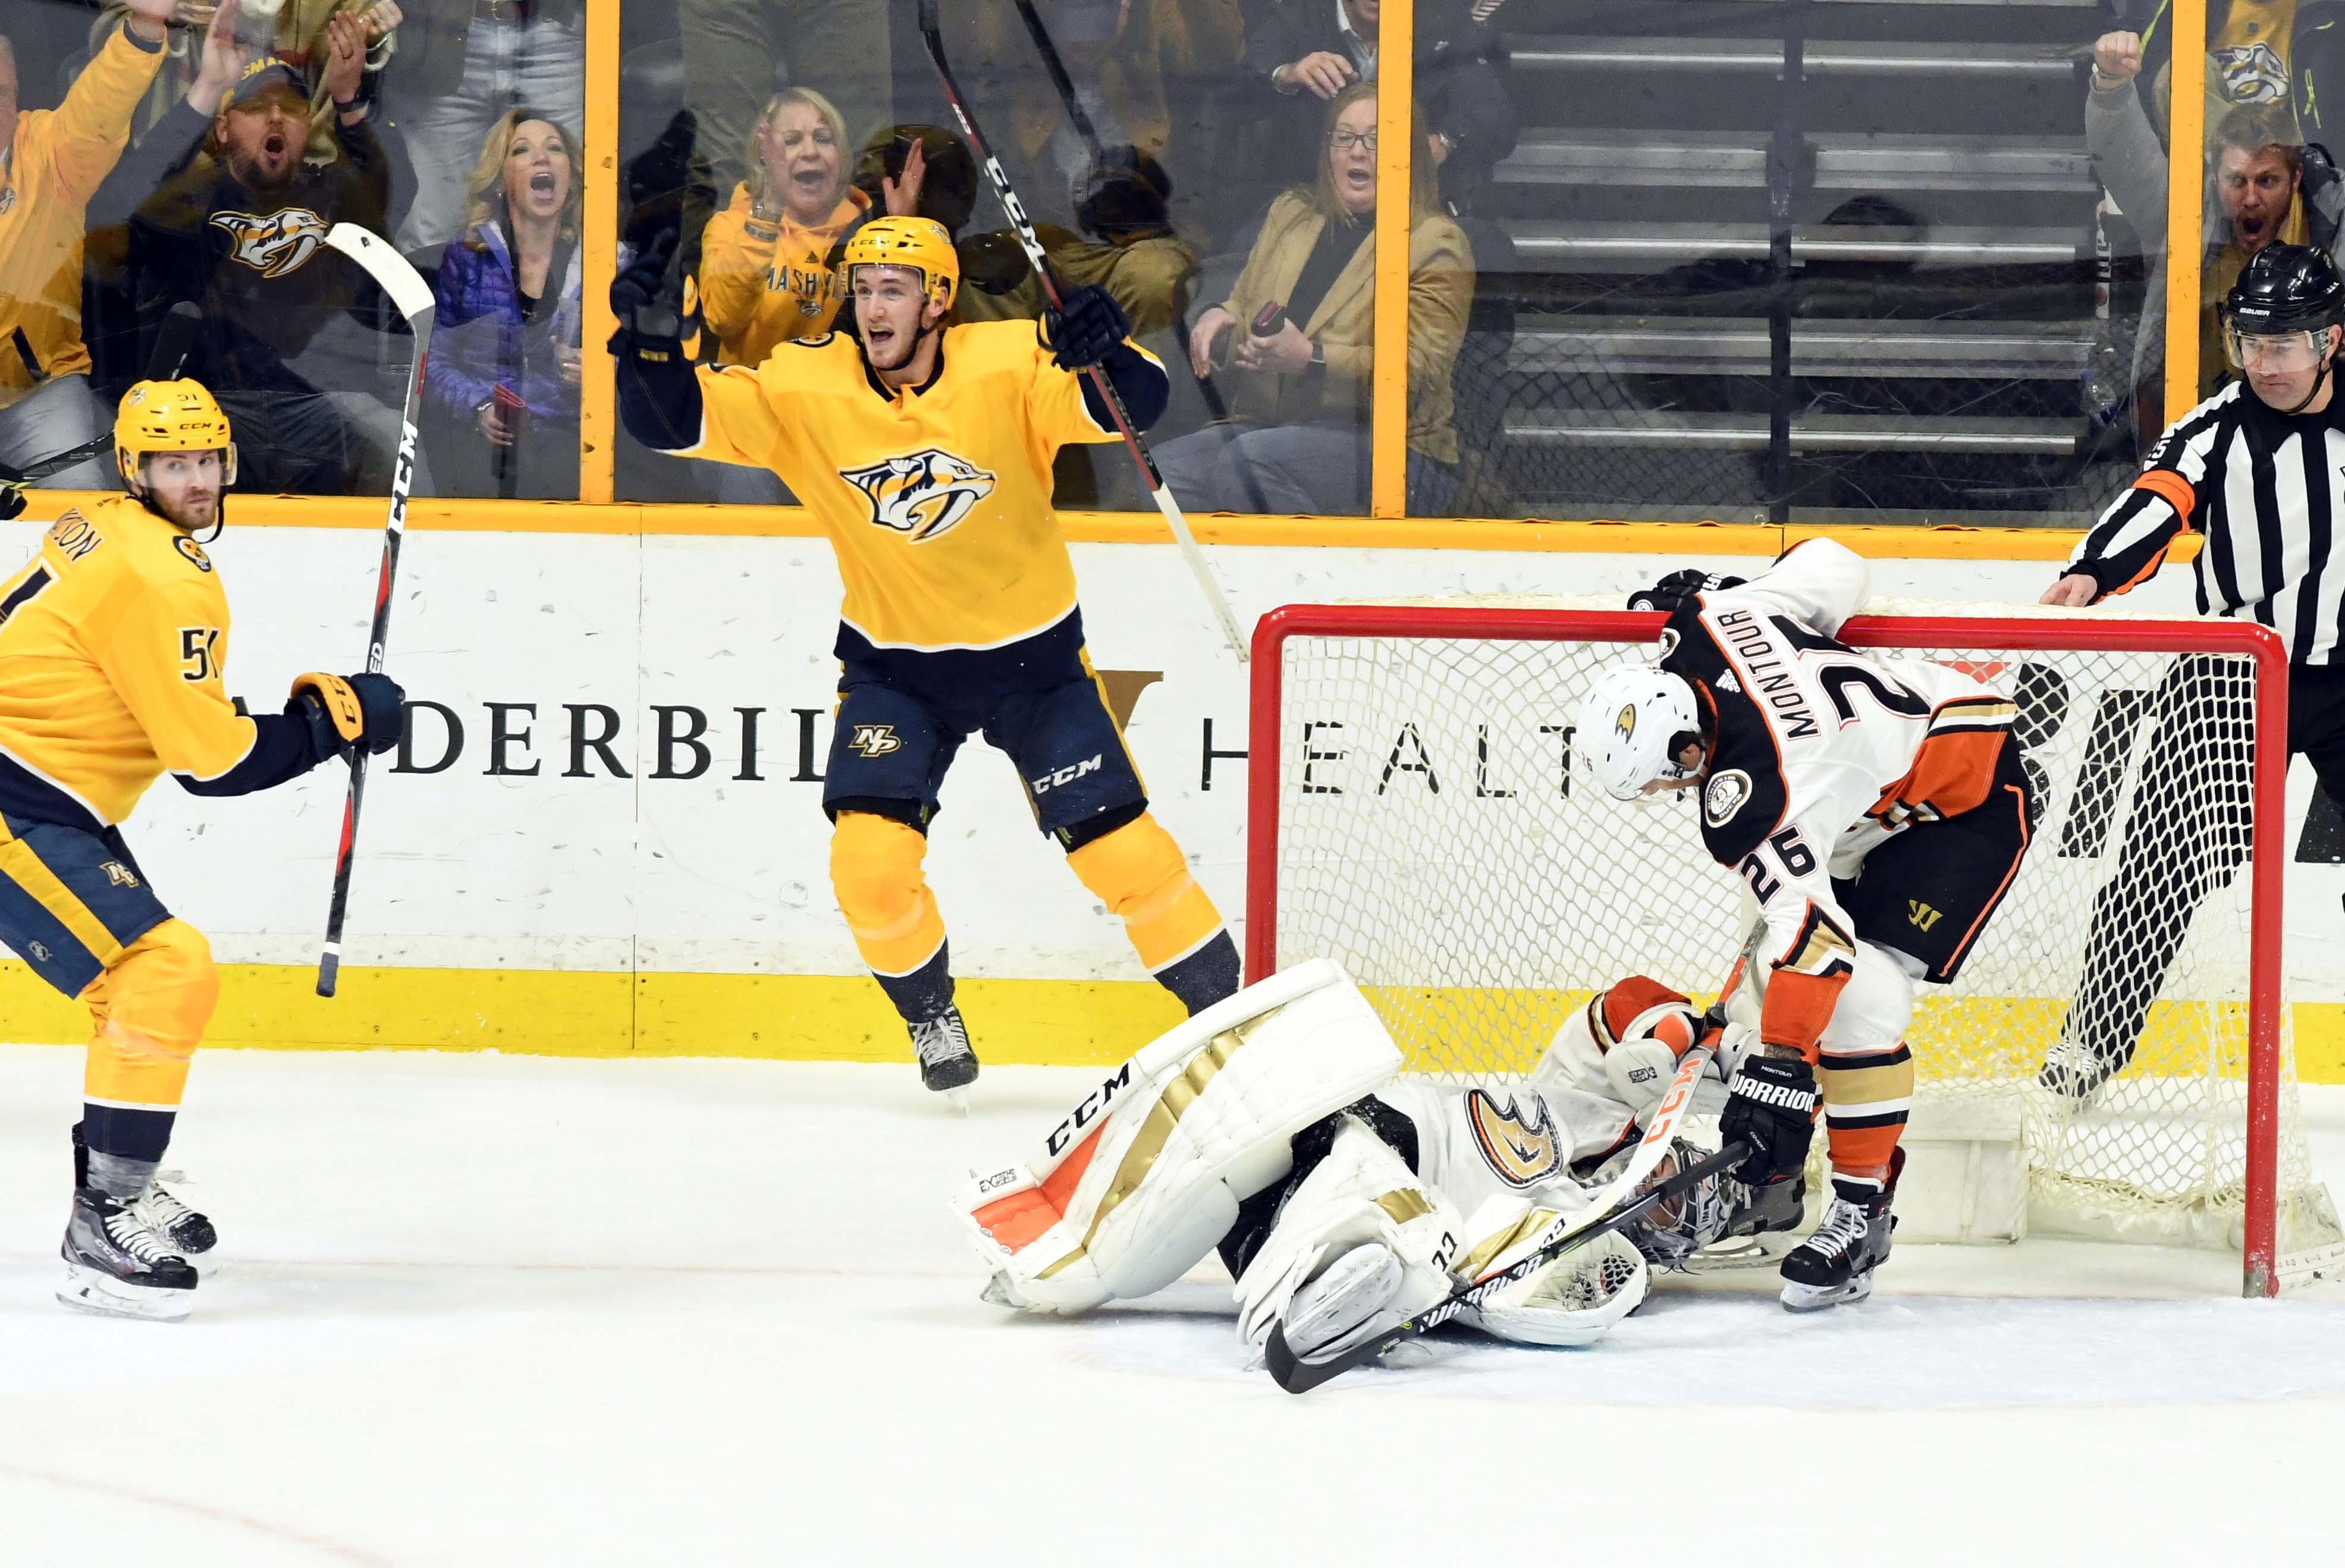 NHL: Anaheim Ducks at Nashville Predators